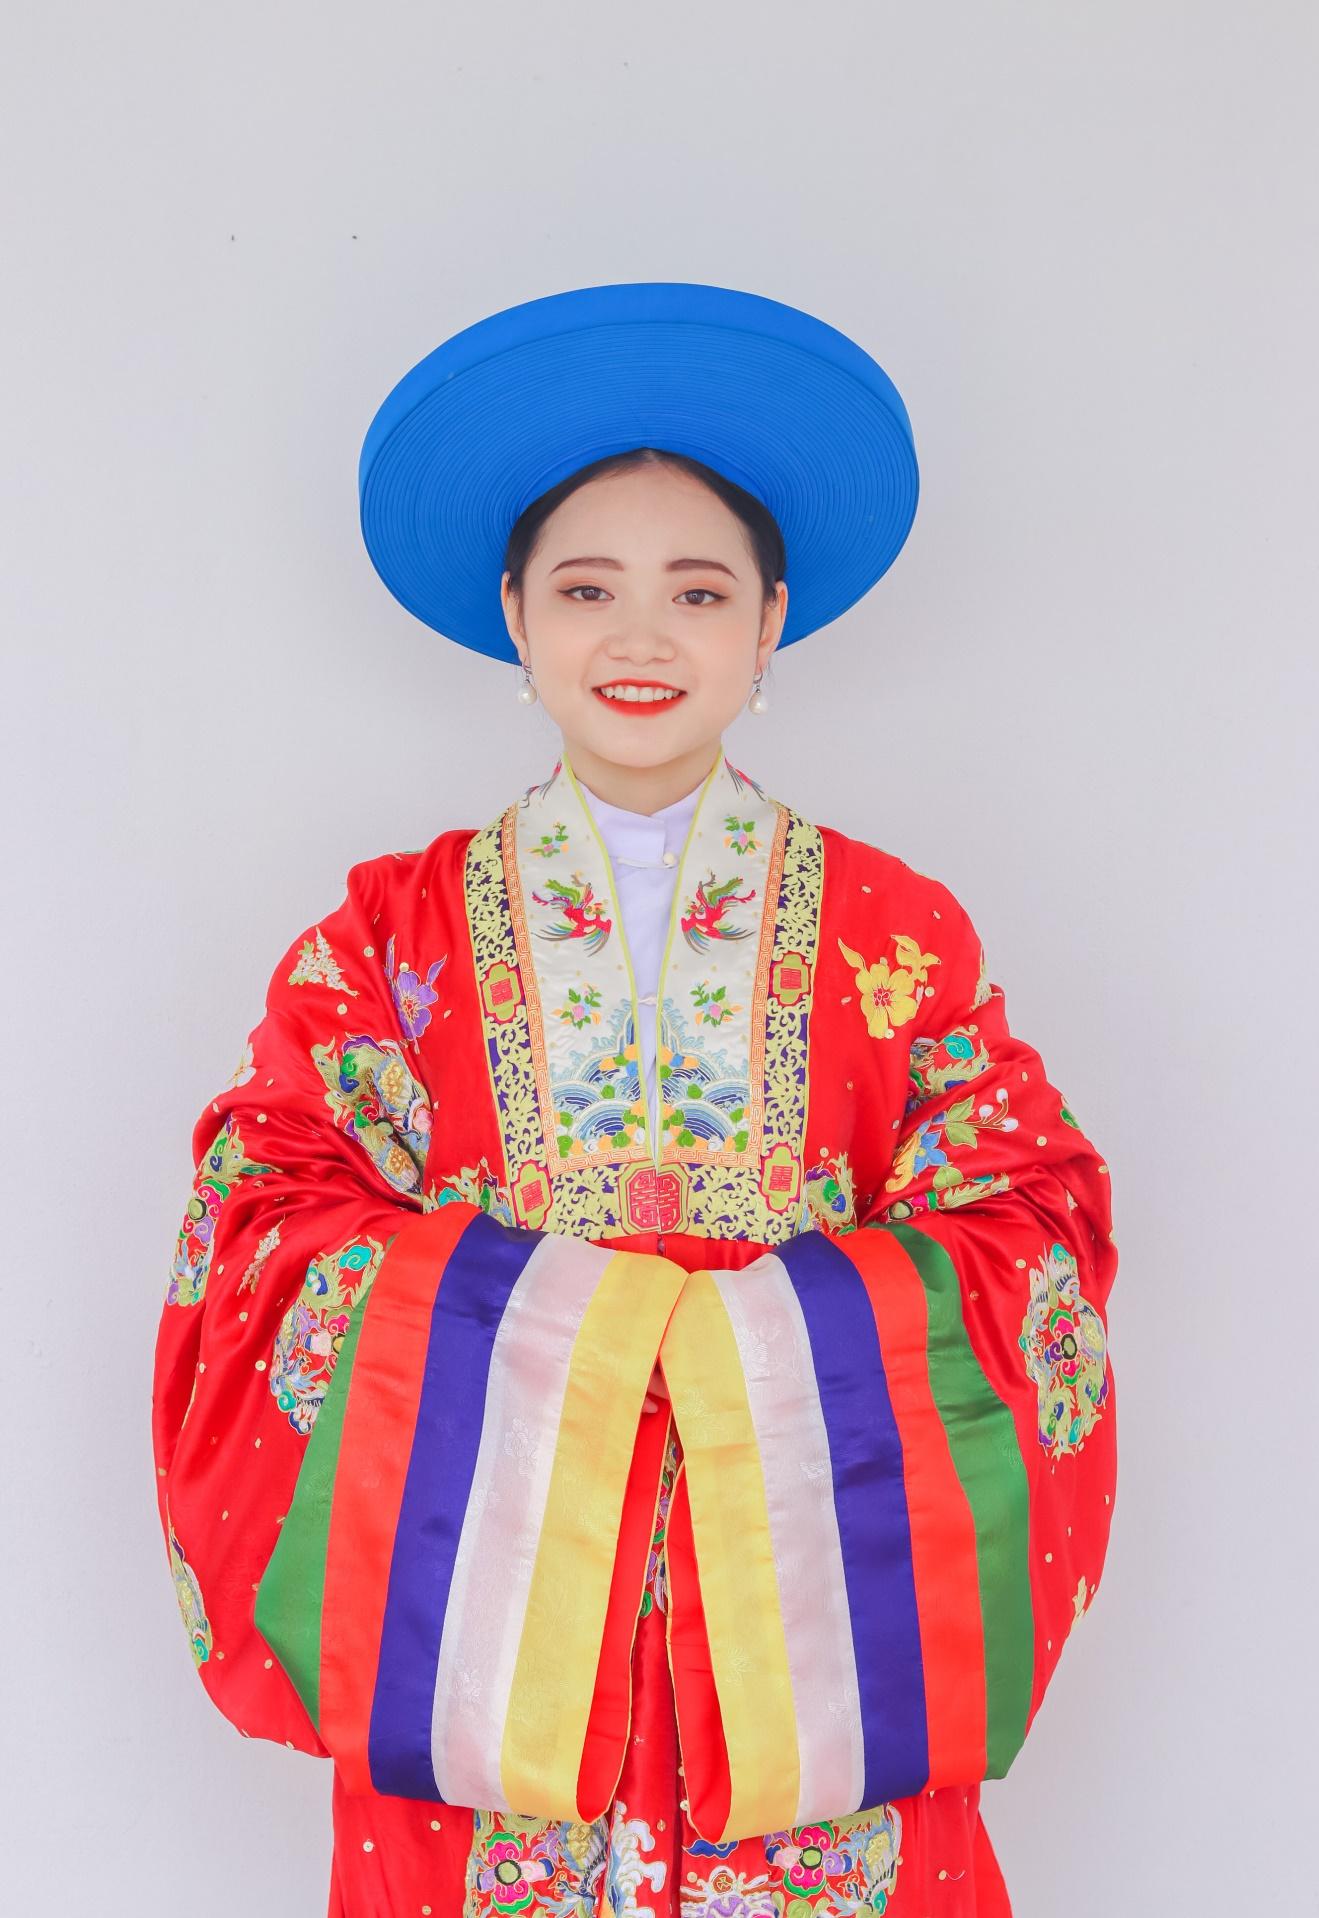 Cổ phục Việt lưu giữ tinh hoa văn hóa dân tộc - Ảnh 4.